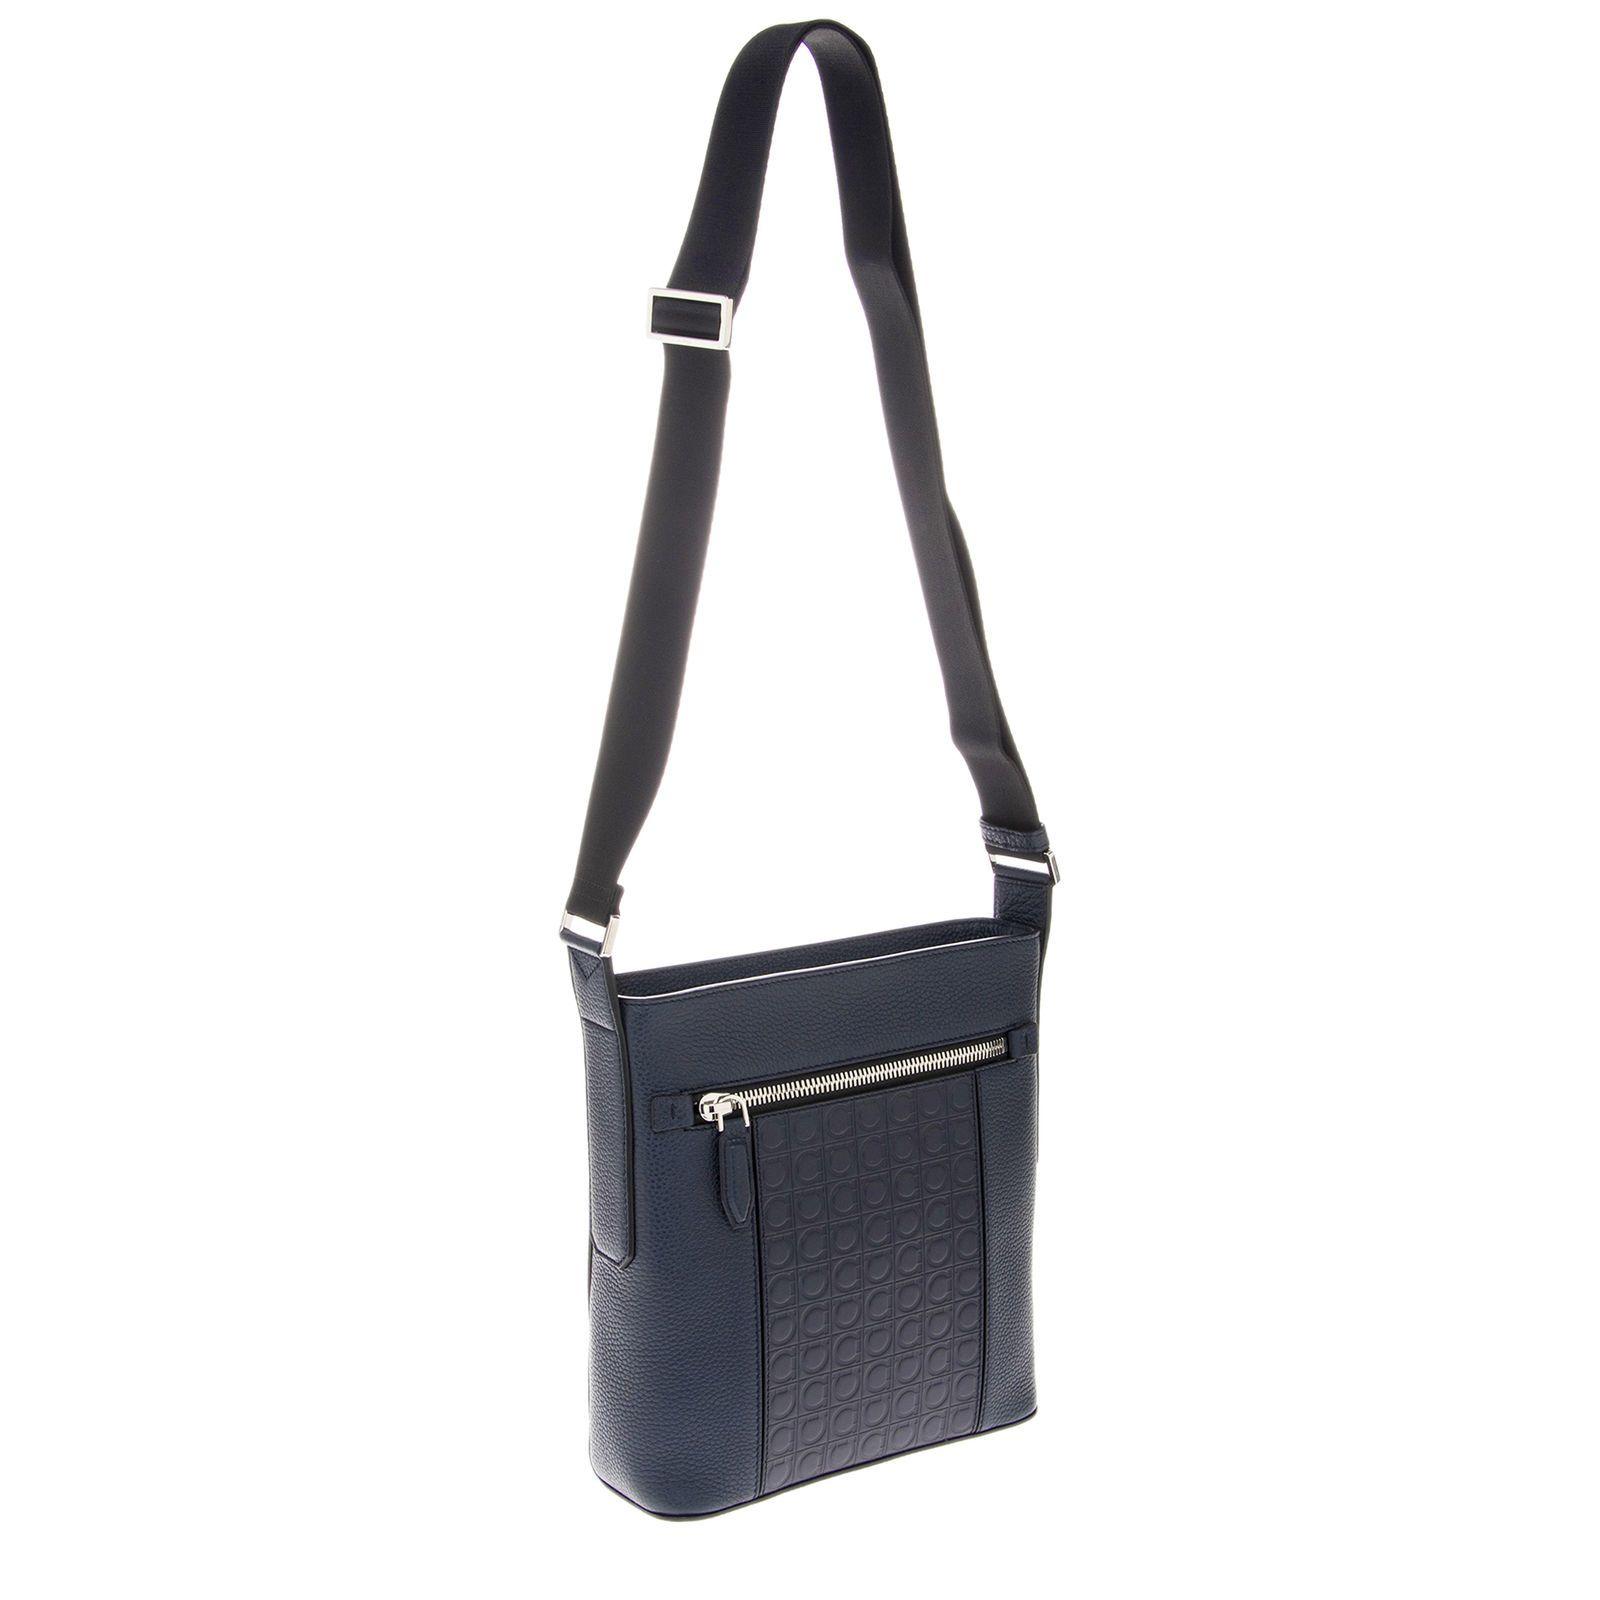 Salvatore Ferragamo Grained leather Messenger Bag Blue  539.99 End Date   2018-12-31 c89d8f5fe95ff